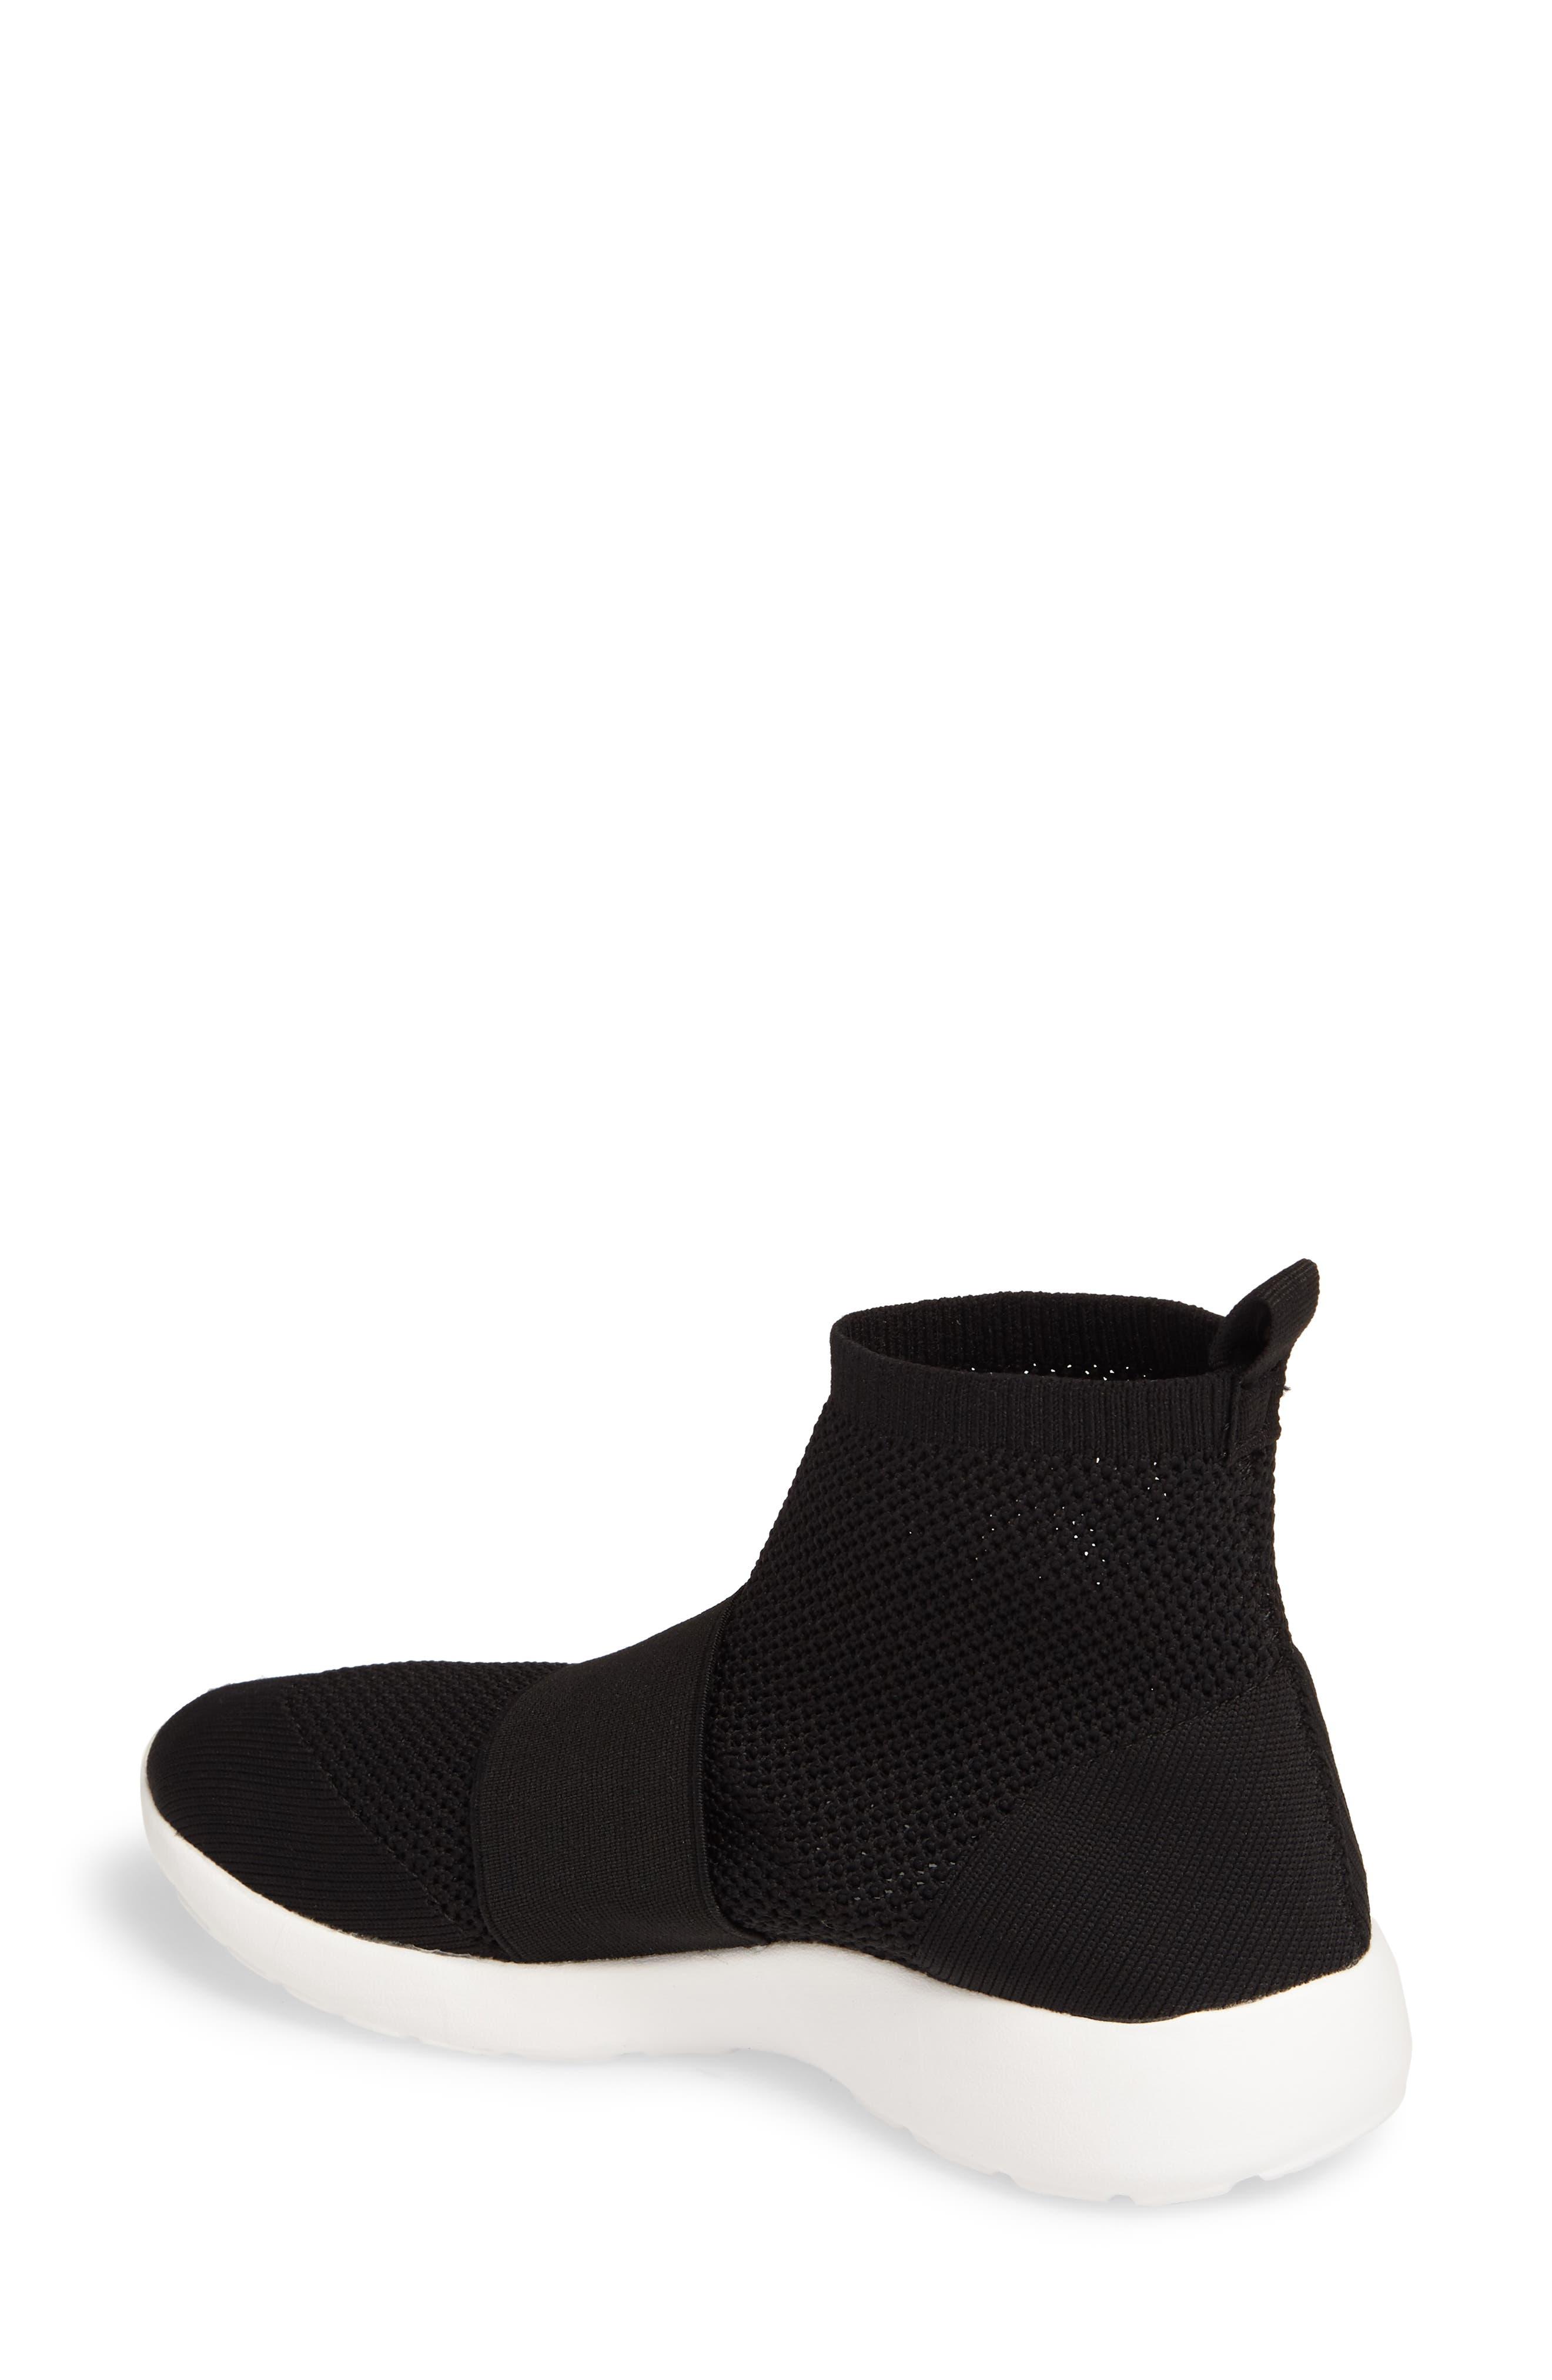 Future Sneaker,                             Alternate thumbnail 2, color,                             001